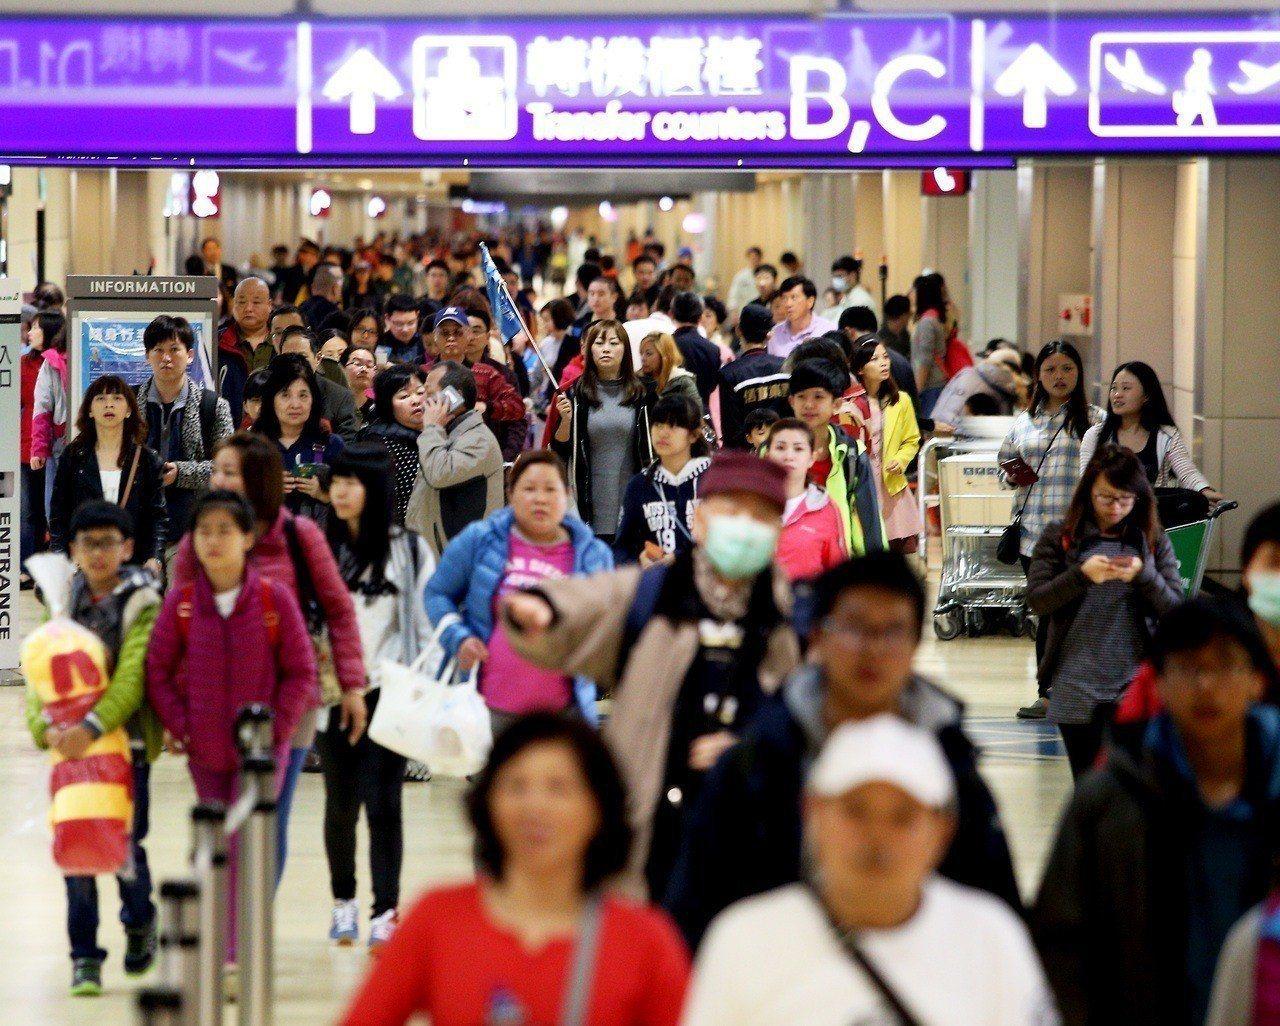 移民署指出,目前脫團人數還有125人,包括89男36女,持續積極追查中。圖為機場...